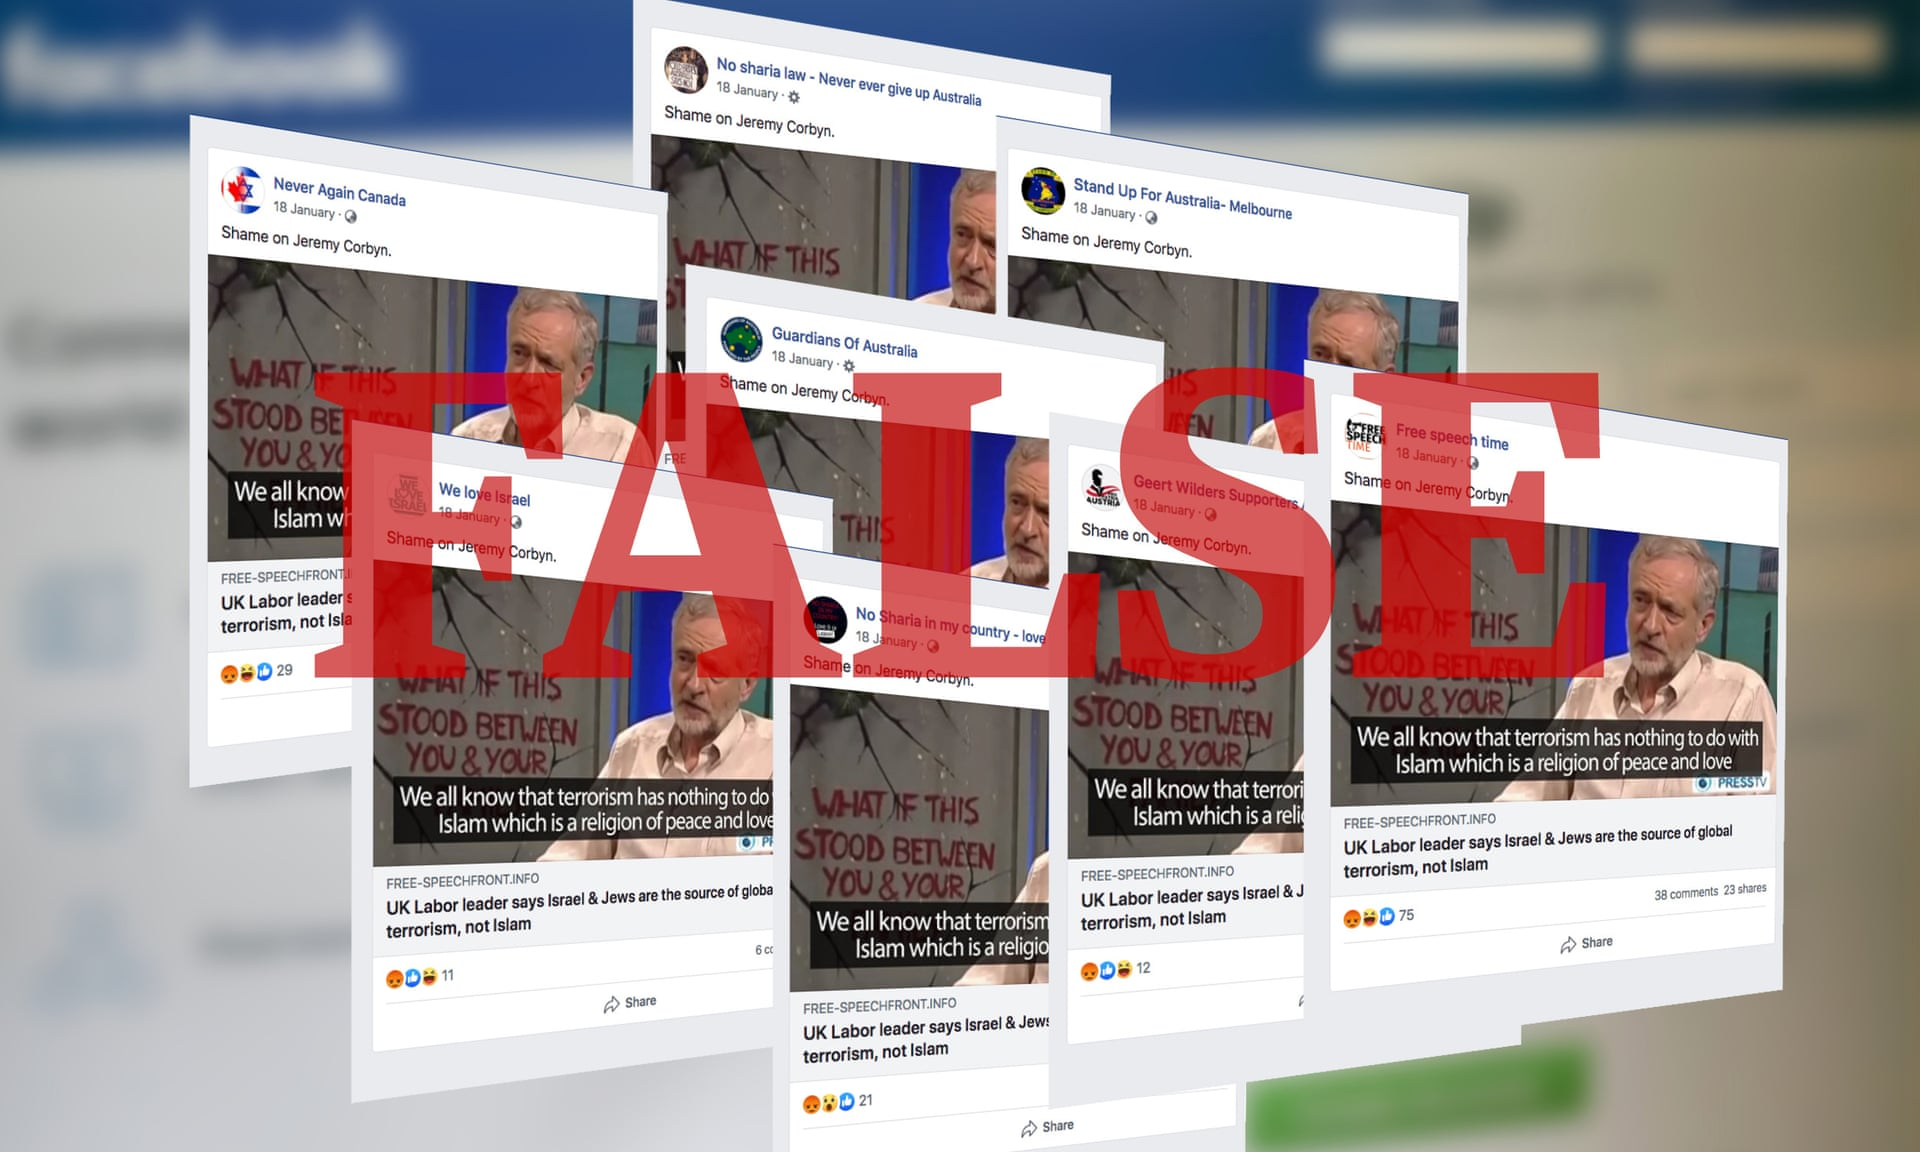 مجموعة من منشورات الأخبار المزيفة التي قابلها صحفيو الجارديان أثناء إجراء التحقيق. المصدر: المقال الأصلي